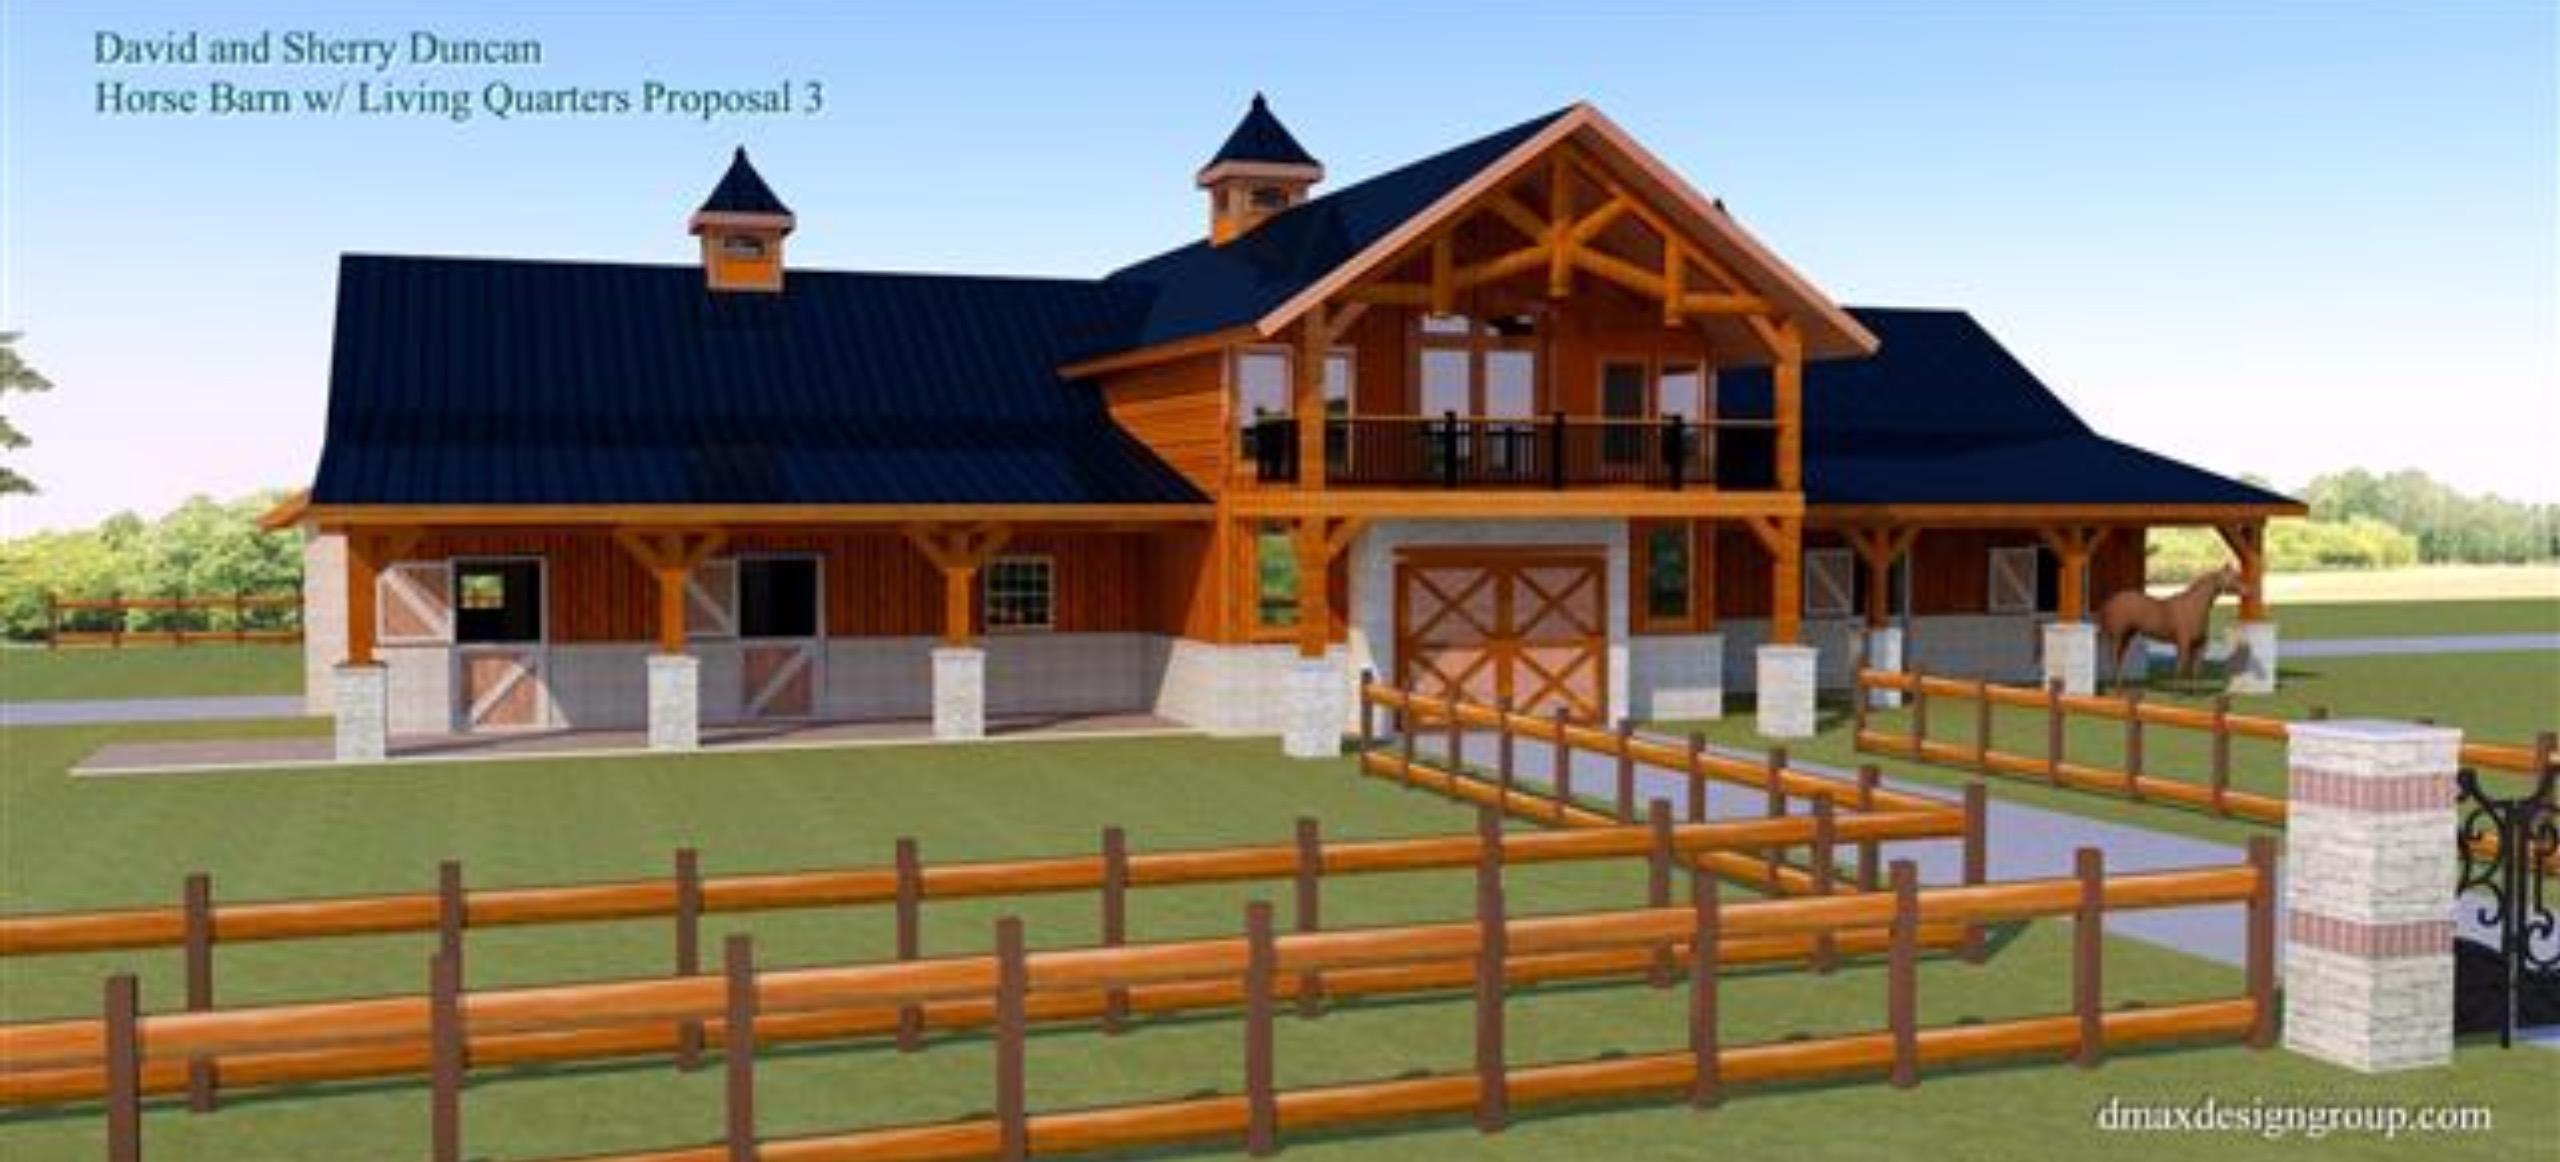 Barn Apartment Designs. Fine Barn Throughout Barn Apartment Designs A